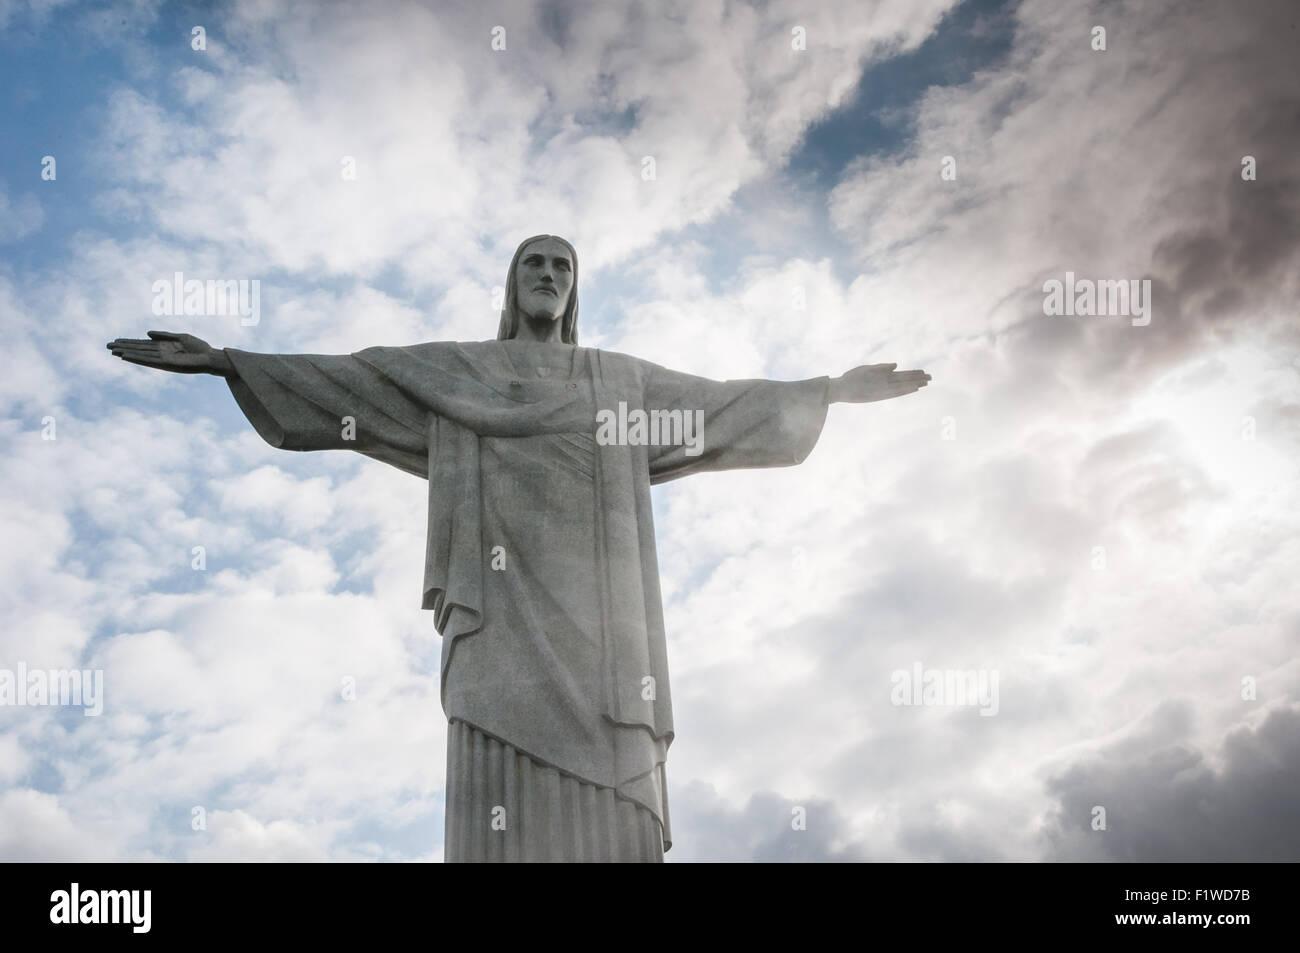 Corcovado Hill in Rio de Janeiro, Brazil - Stock Image